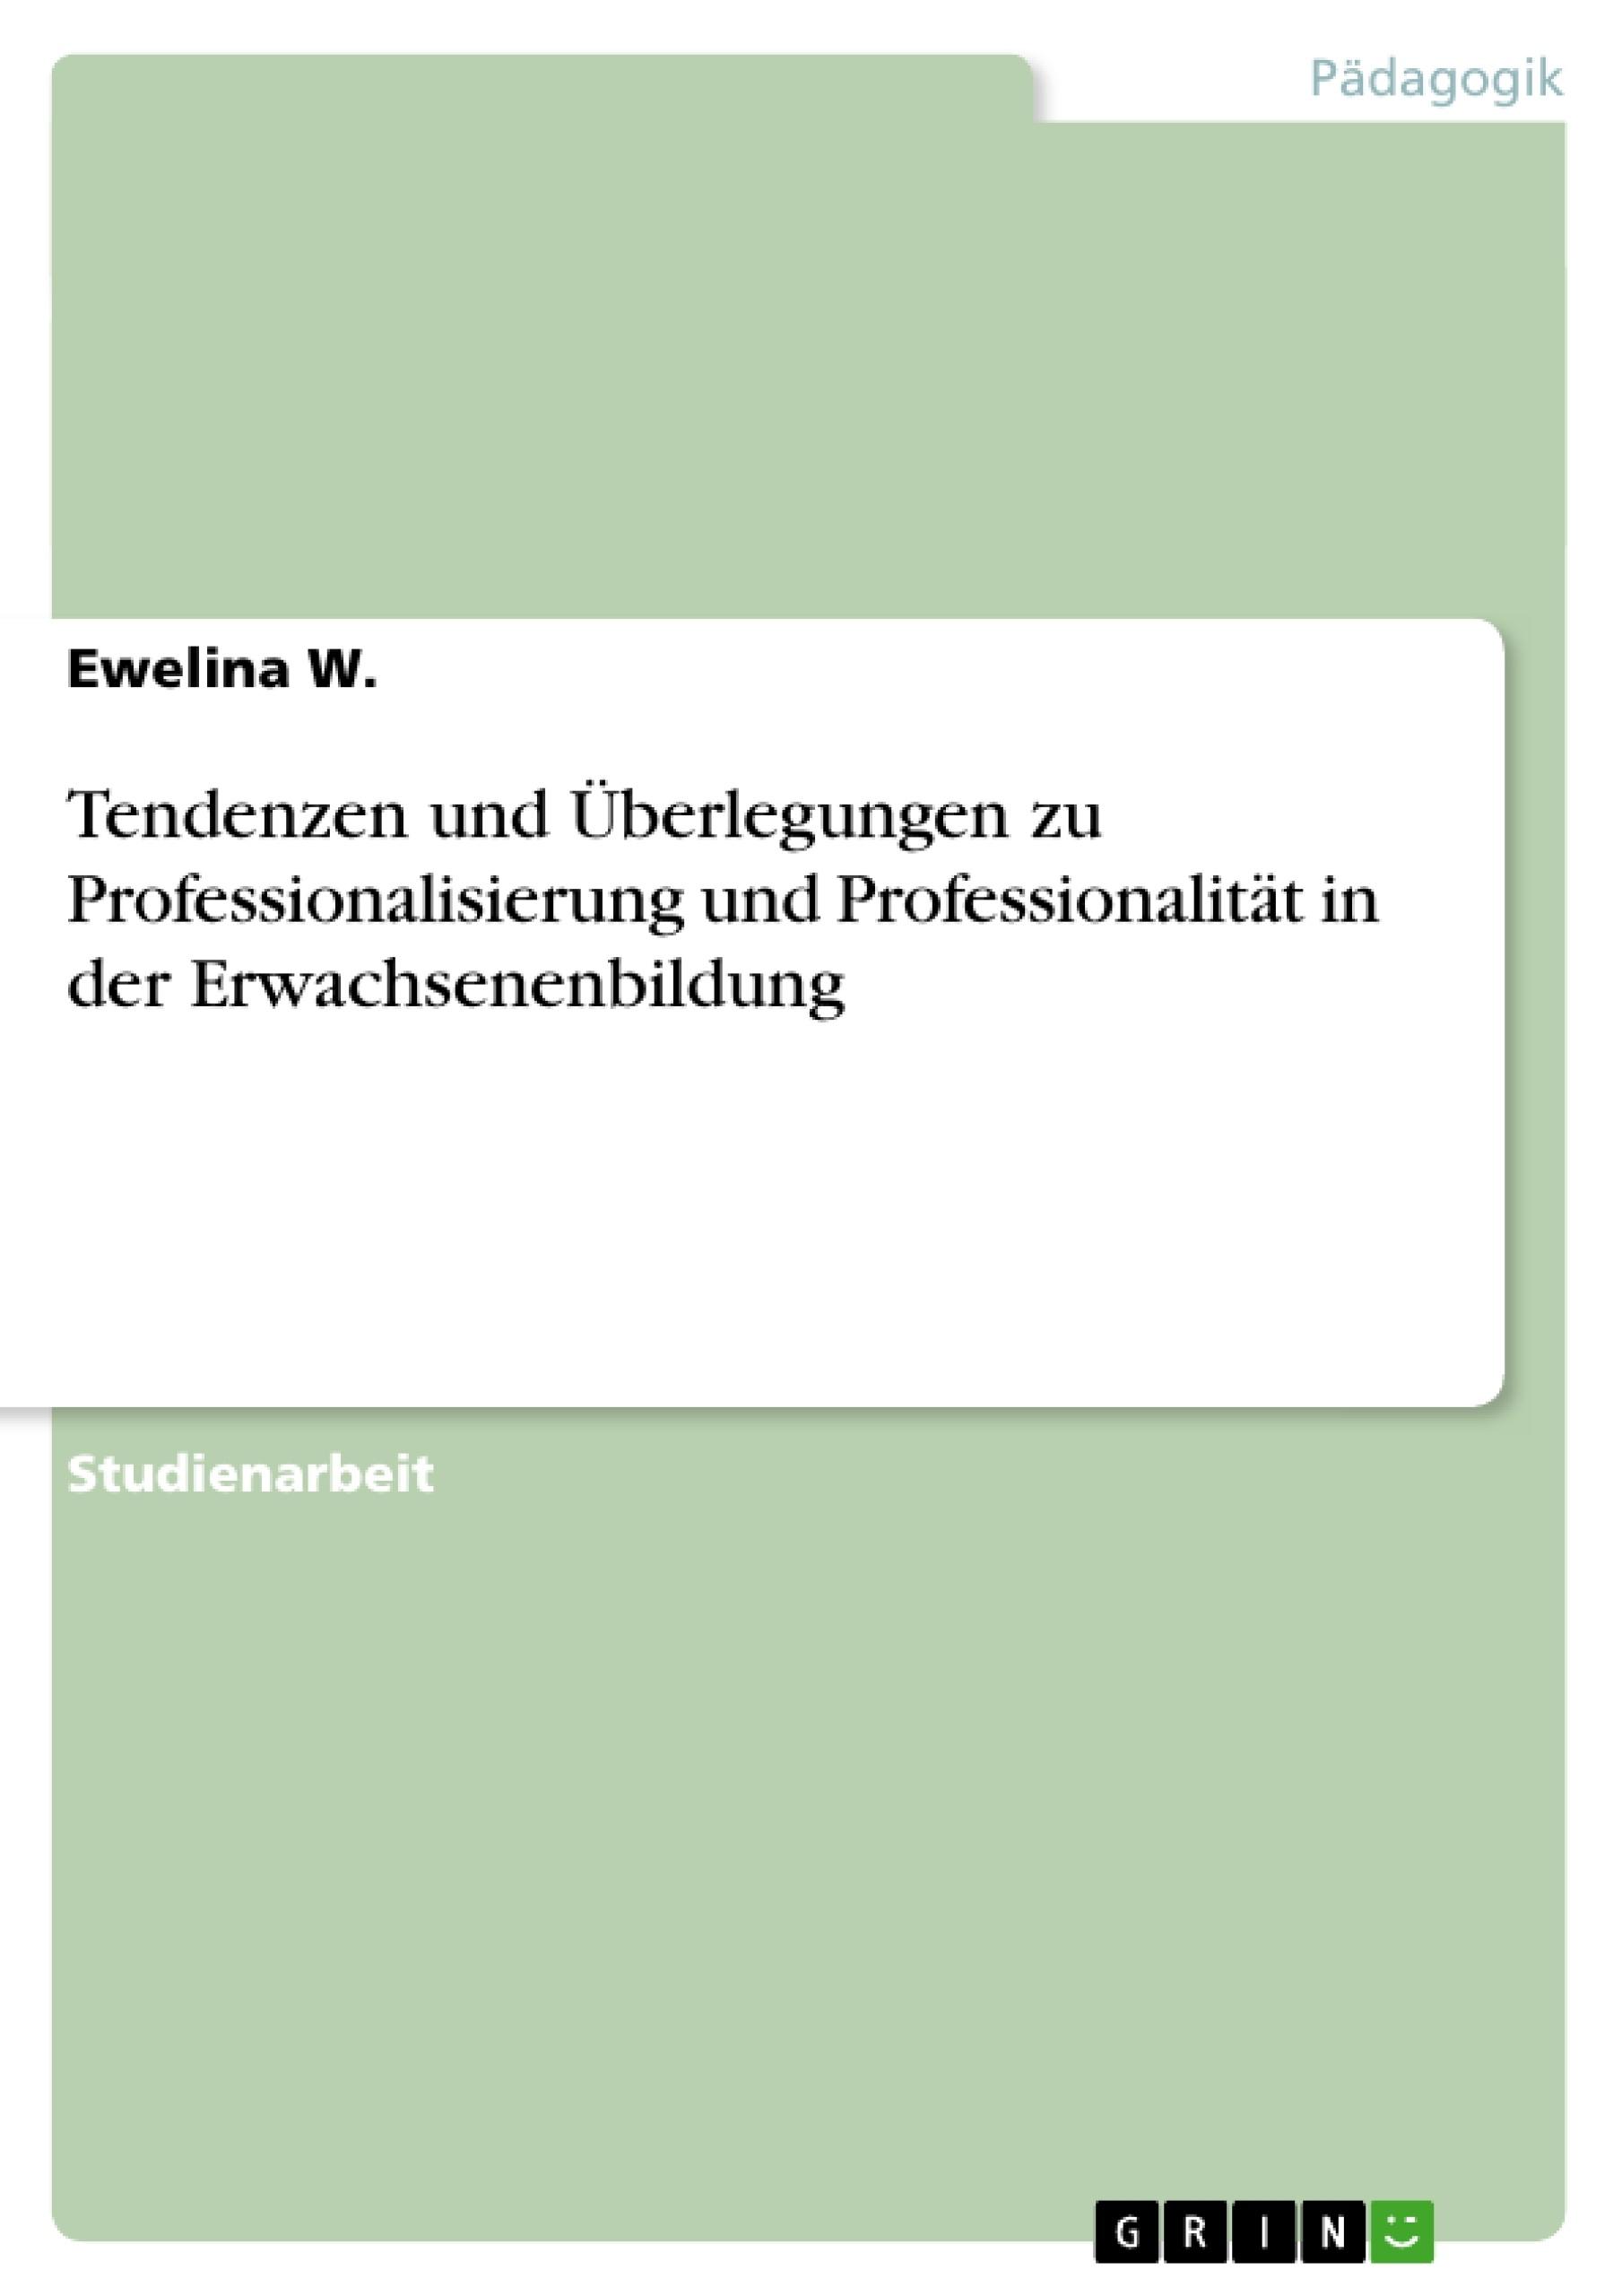 Titel: Tendenzen und Überlegungen zu Professionalisierung und Professionalität in der Erwachsenenbildung